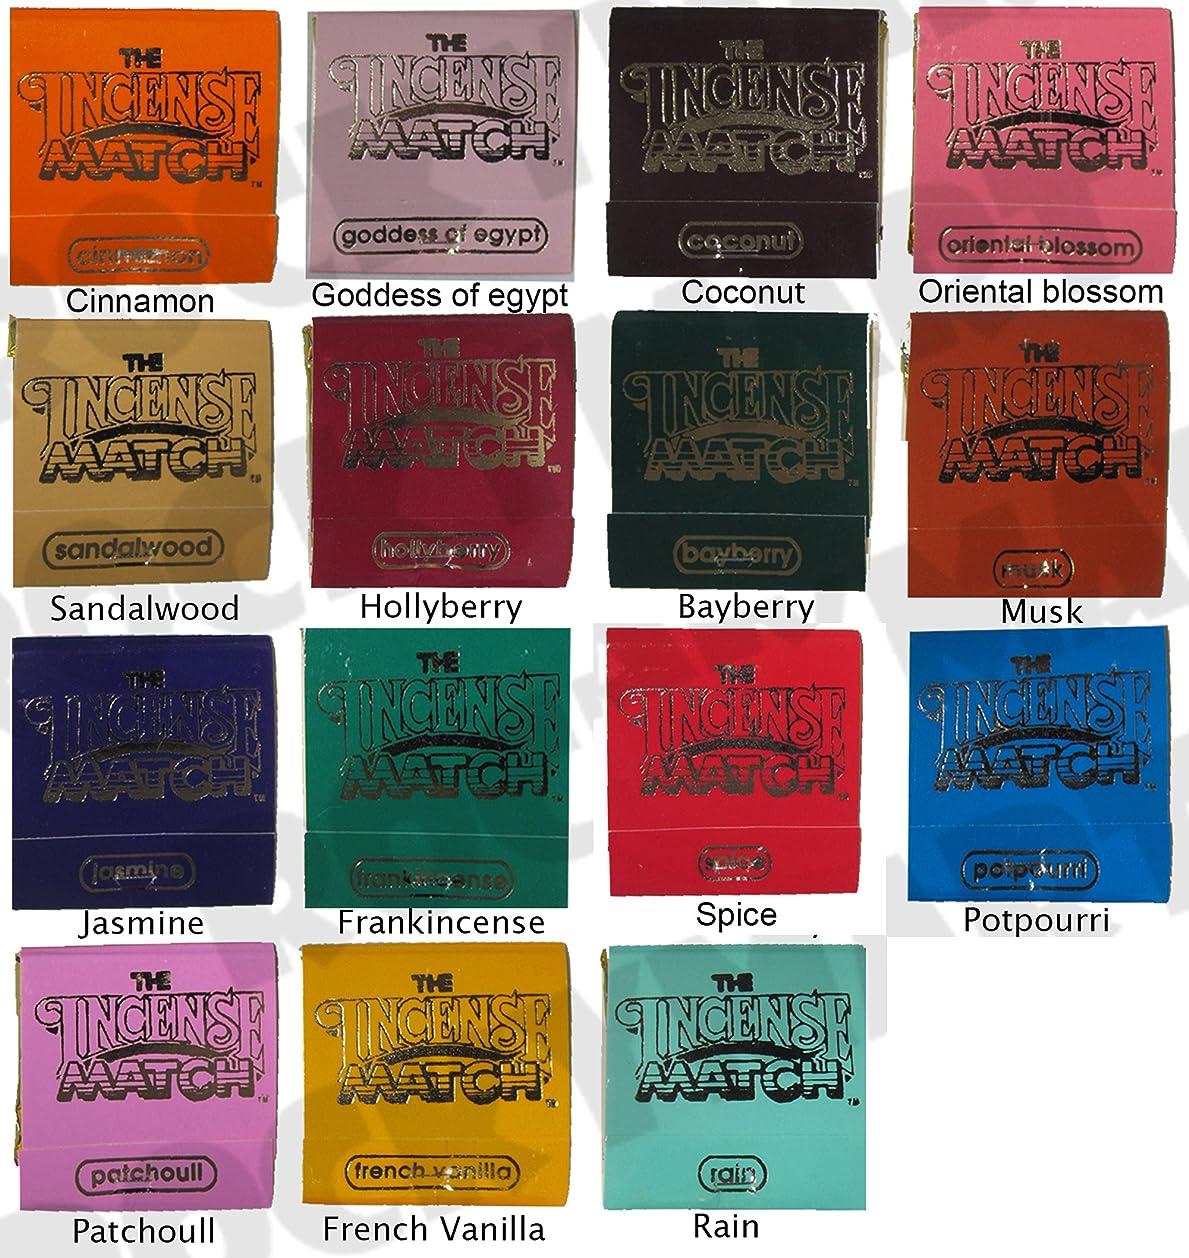 ランプみがきます会員Set of 15 Books of Incense Matches - One of each of the 15 Fragrances Available